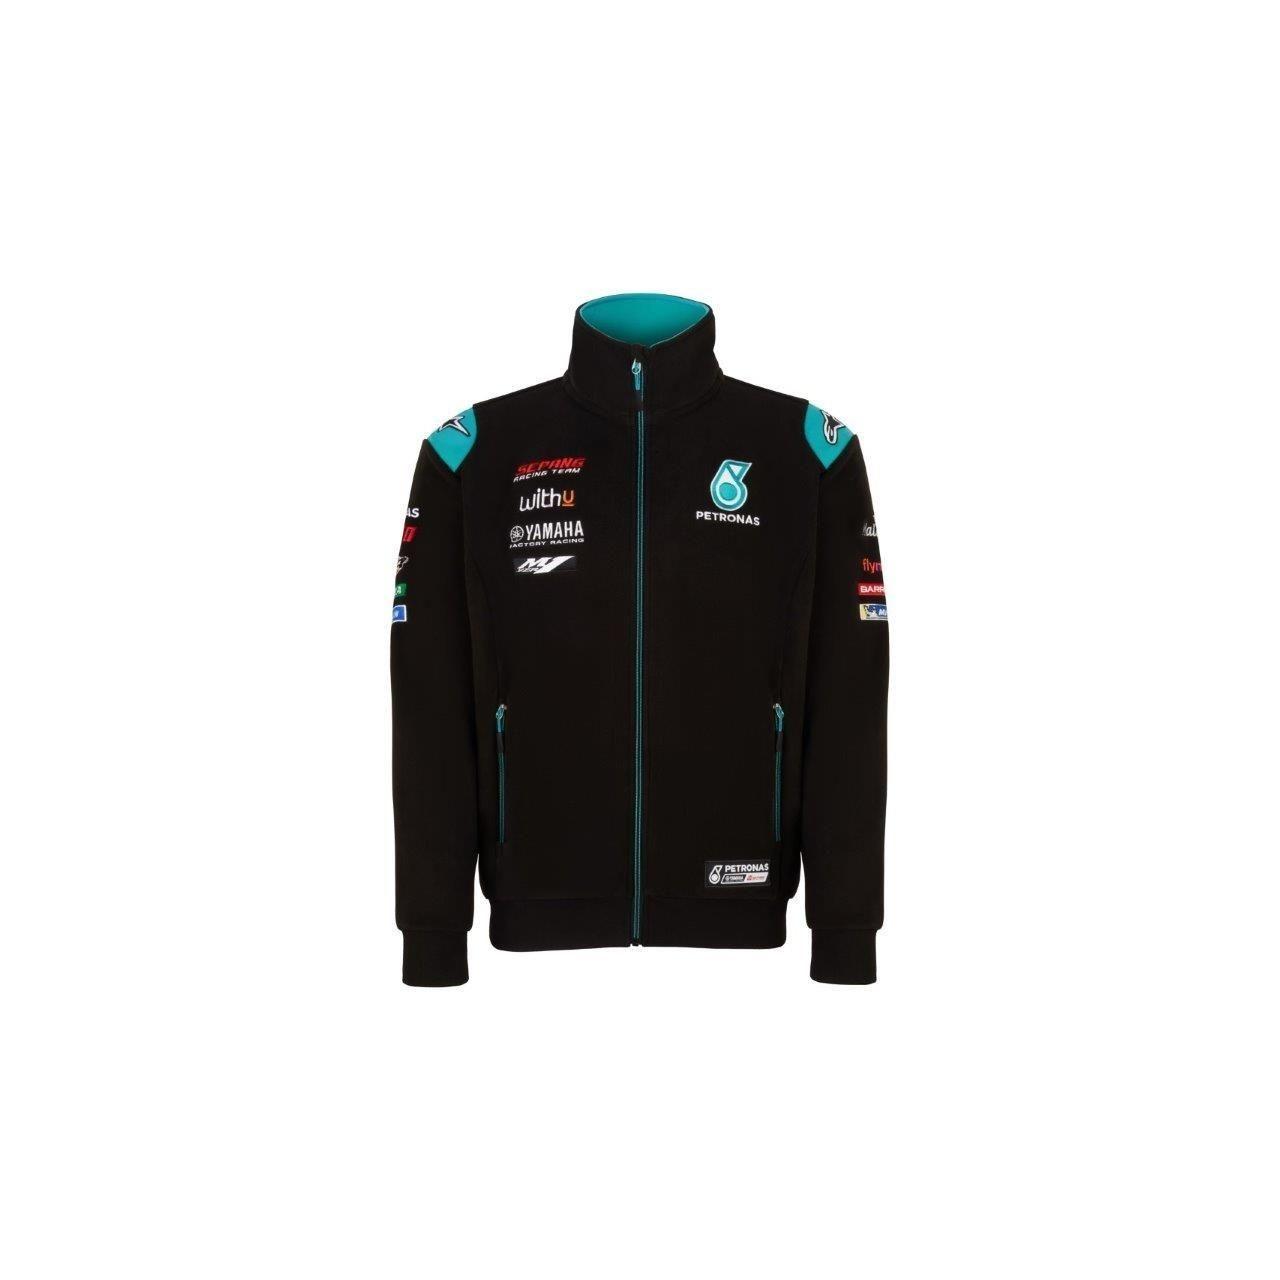 YAMAHA Polaire homme Petronas 2020